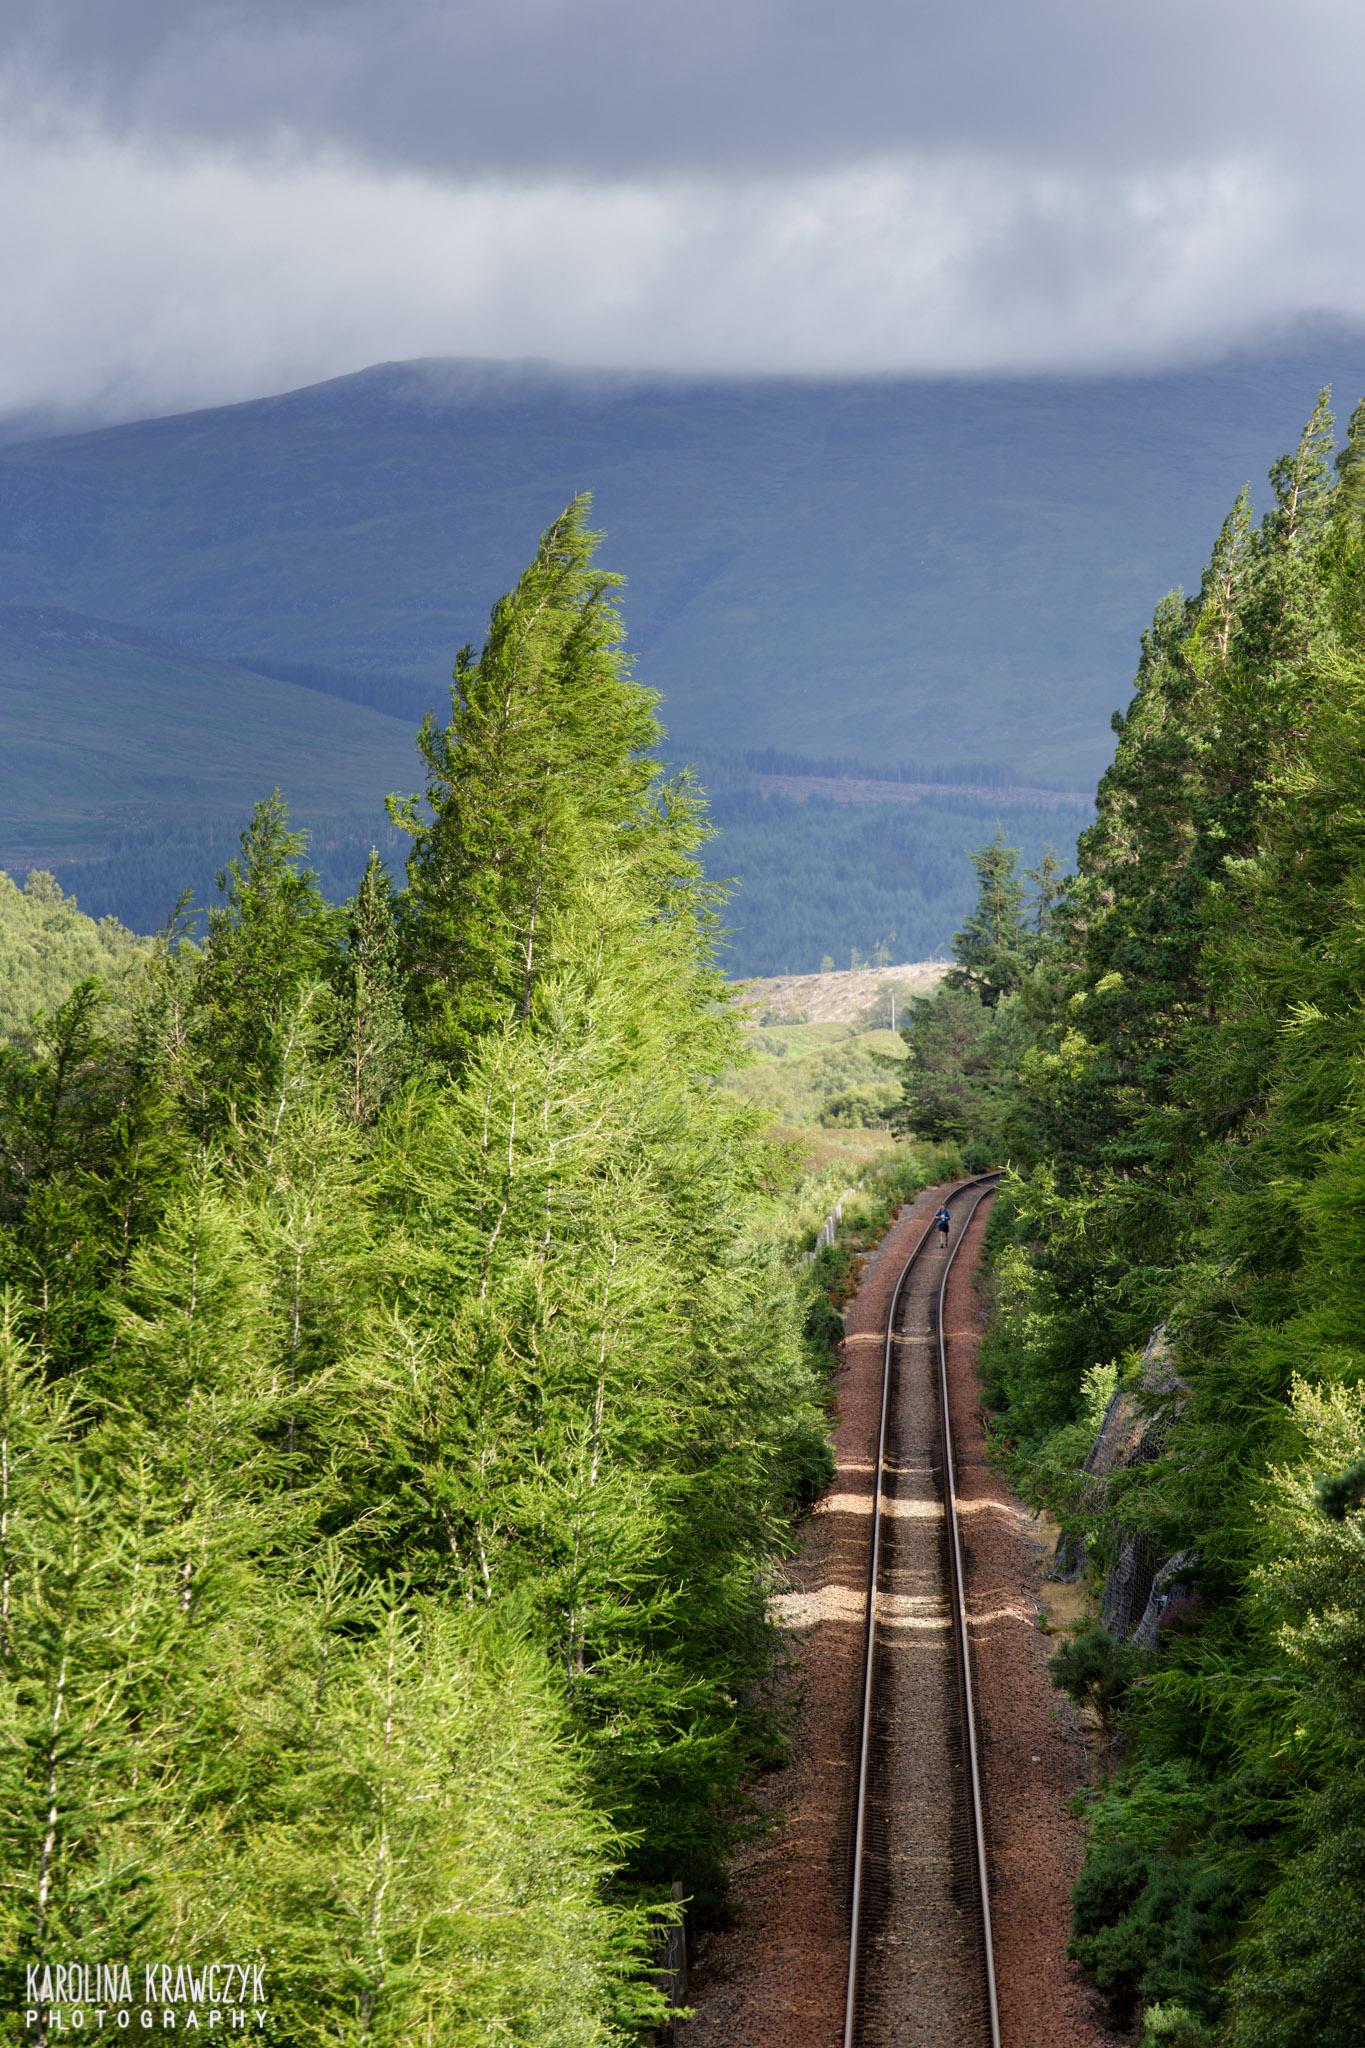 Linia kolejowa. Fot Karolina Krawczyk